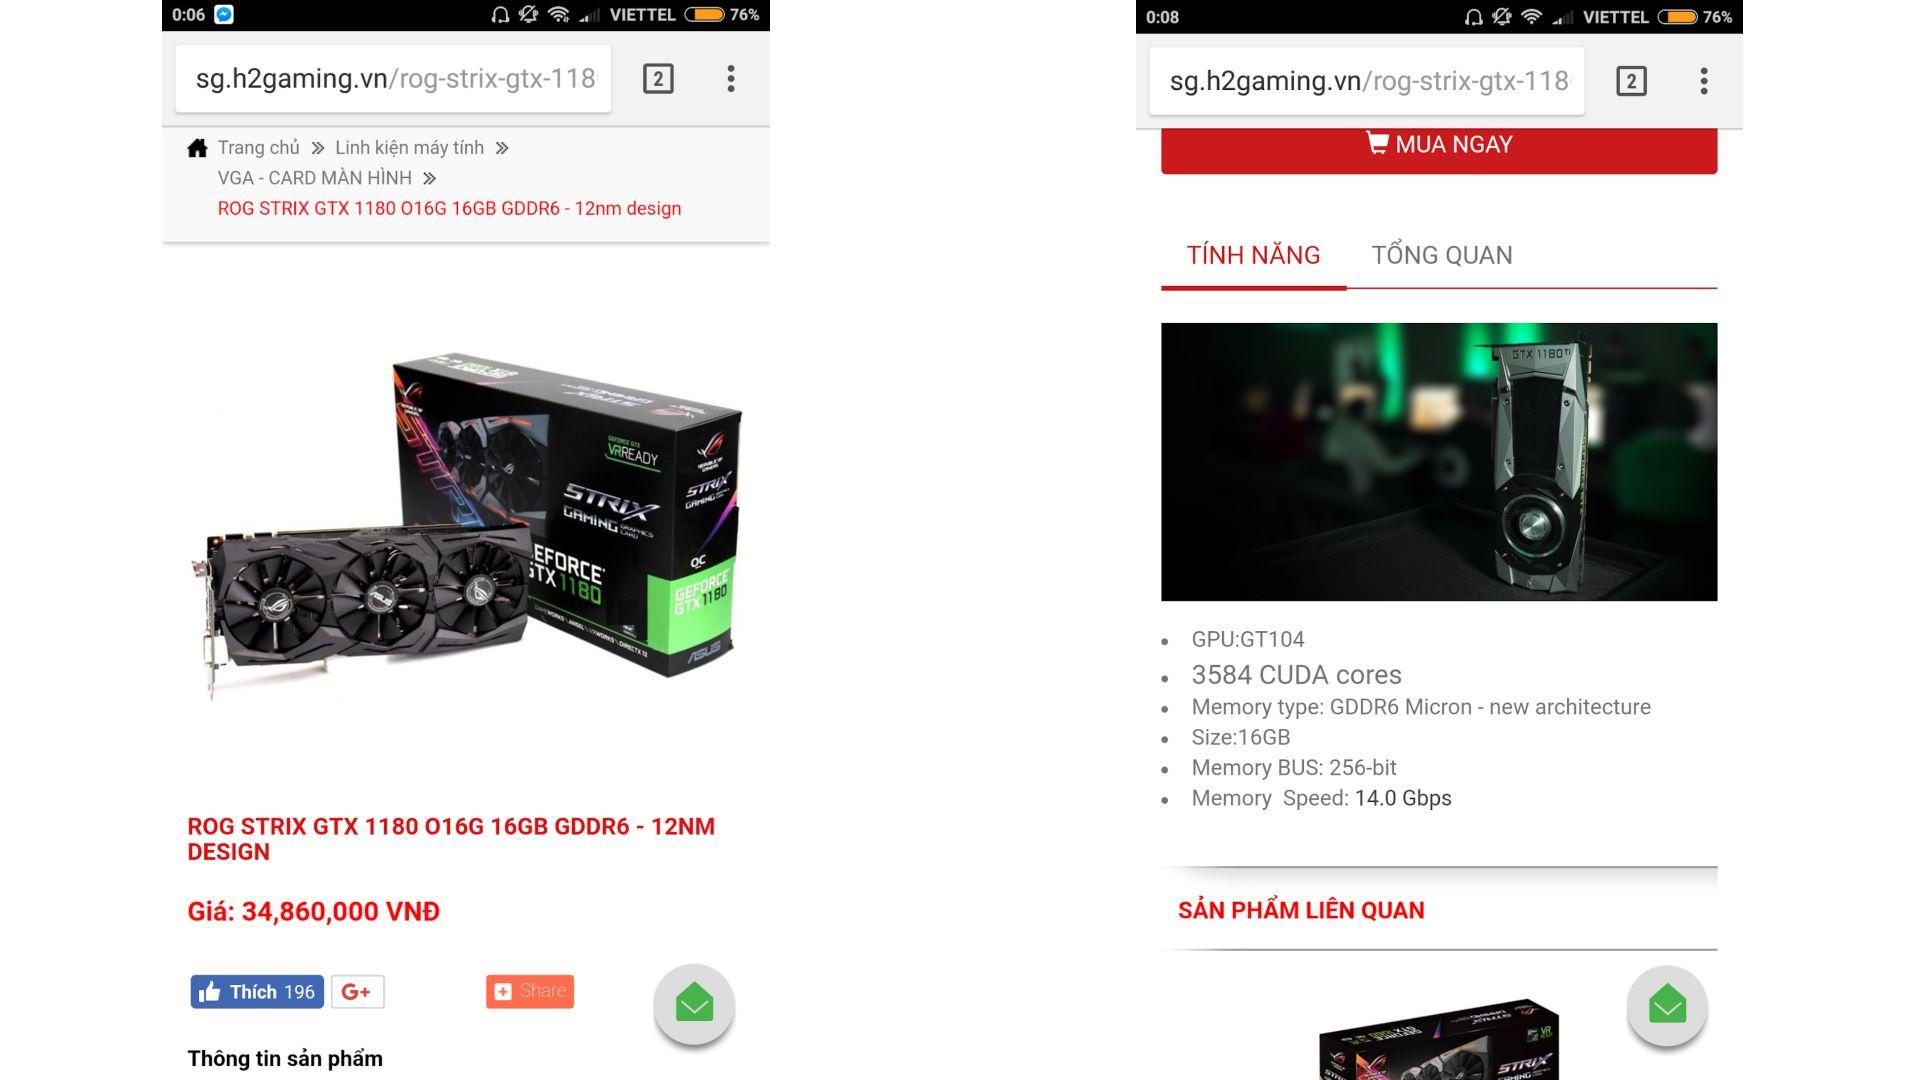 Два снимка экрана смартфона с якобы правдивой ценой и характеристиками GTX 1180 Ti